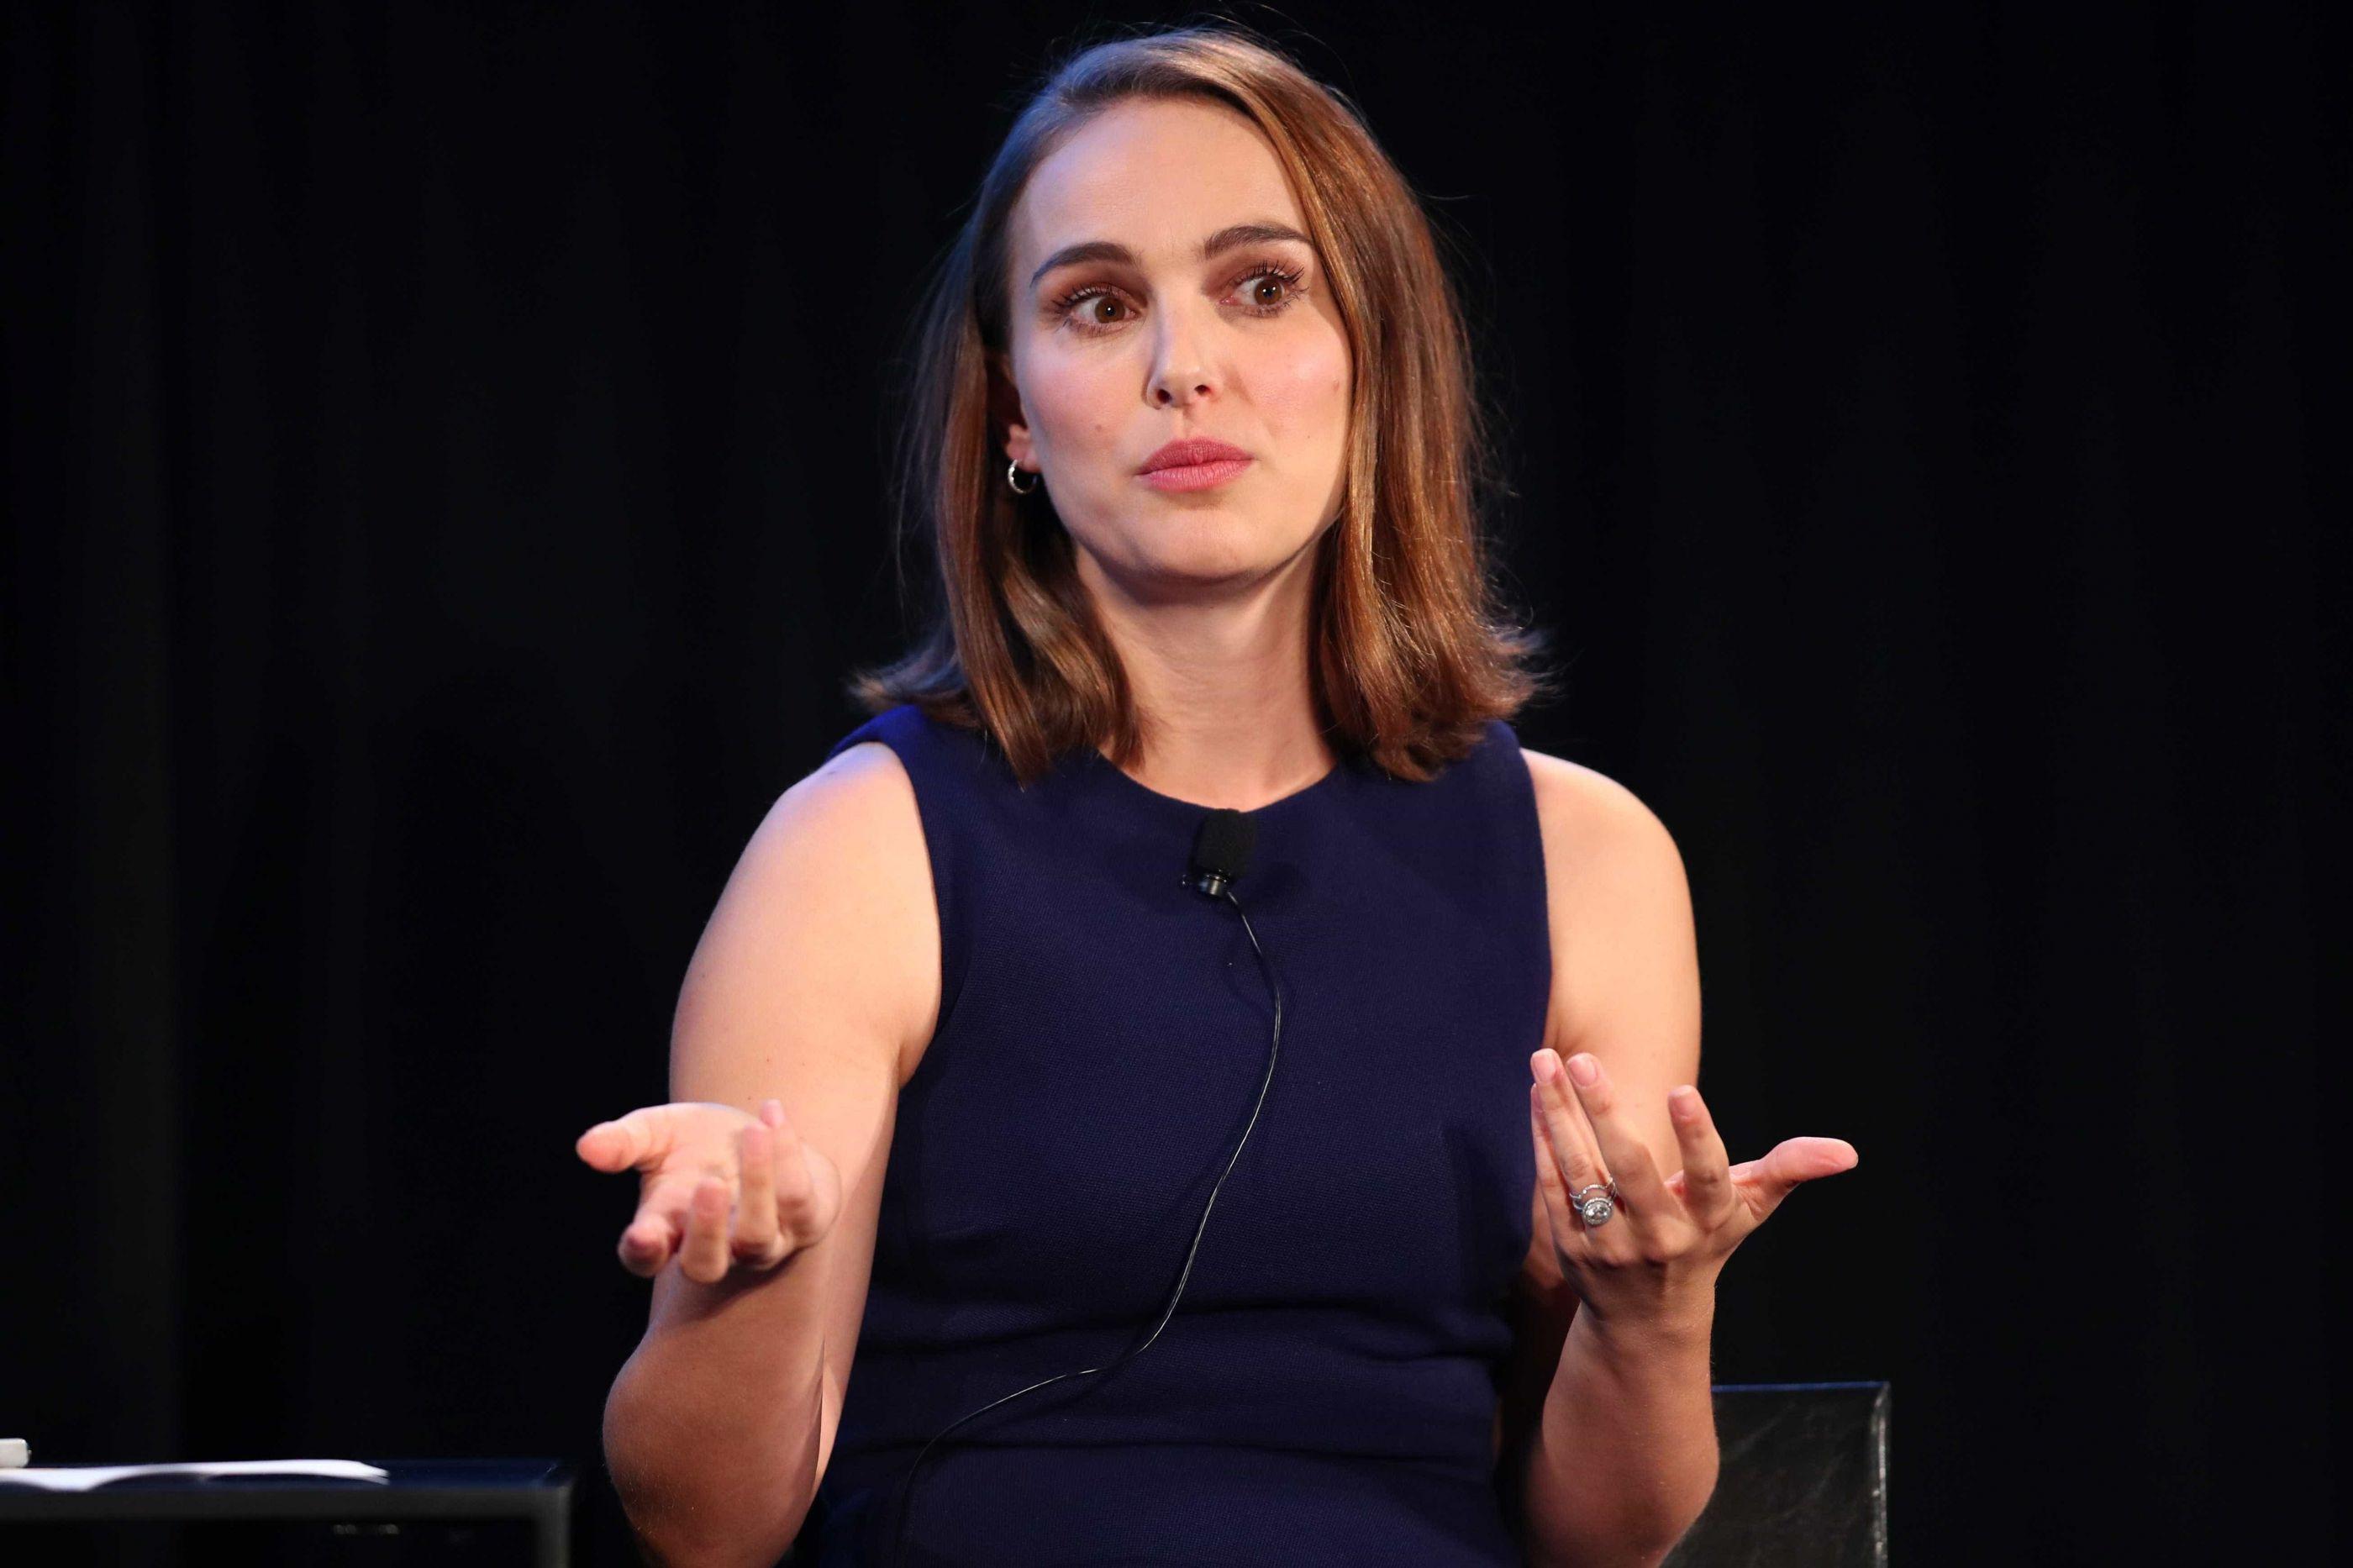 Mila Kunis ou Ashton Kutcher? Natalie Portman revela quem beija melhor